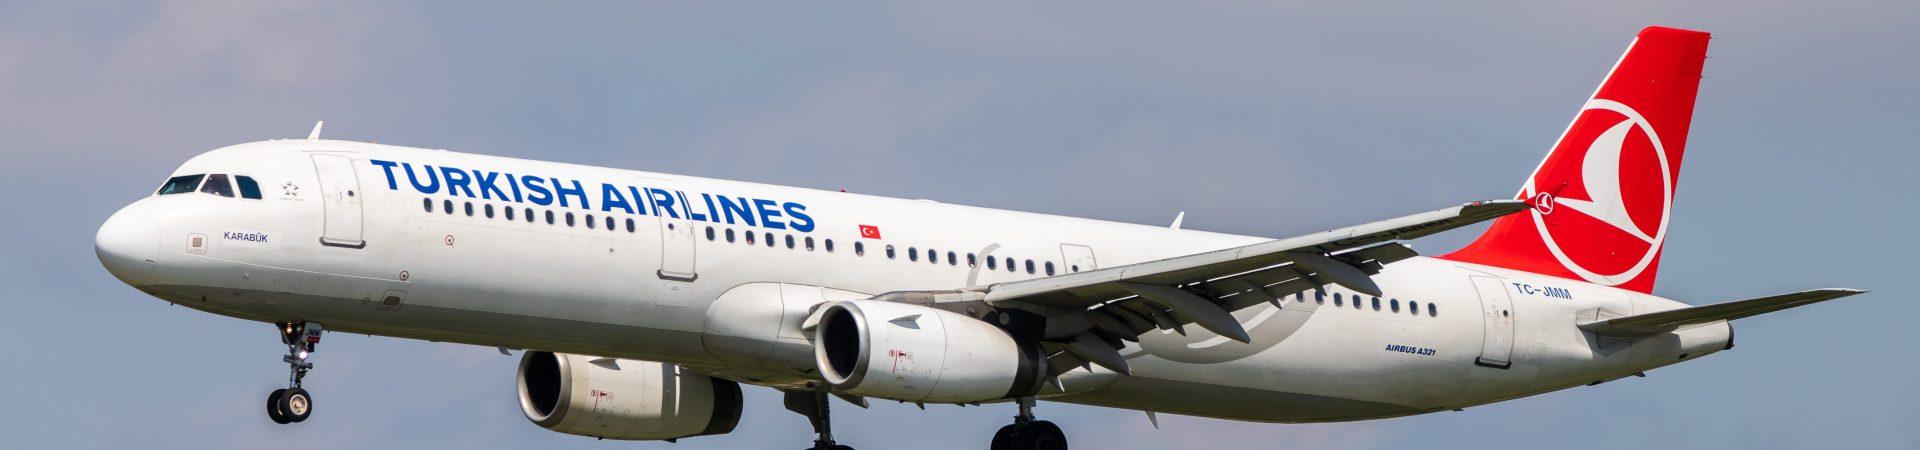 fly til istanbul